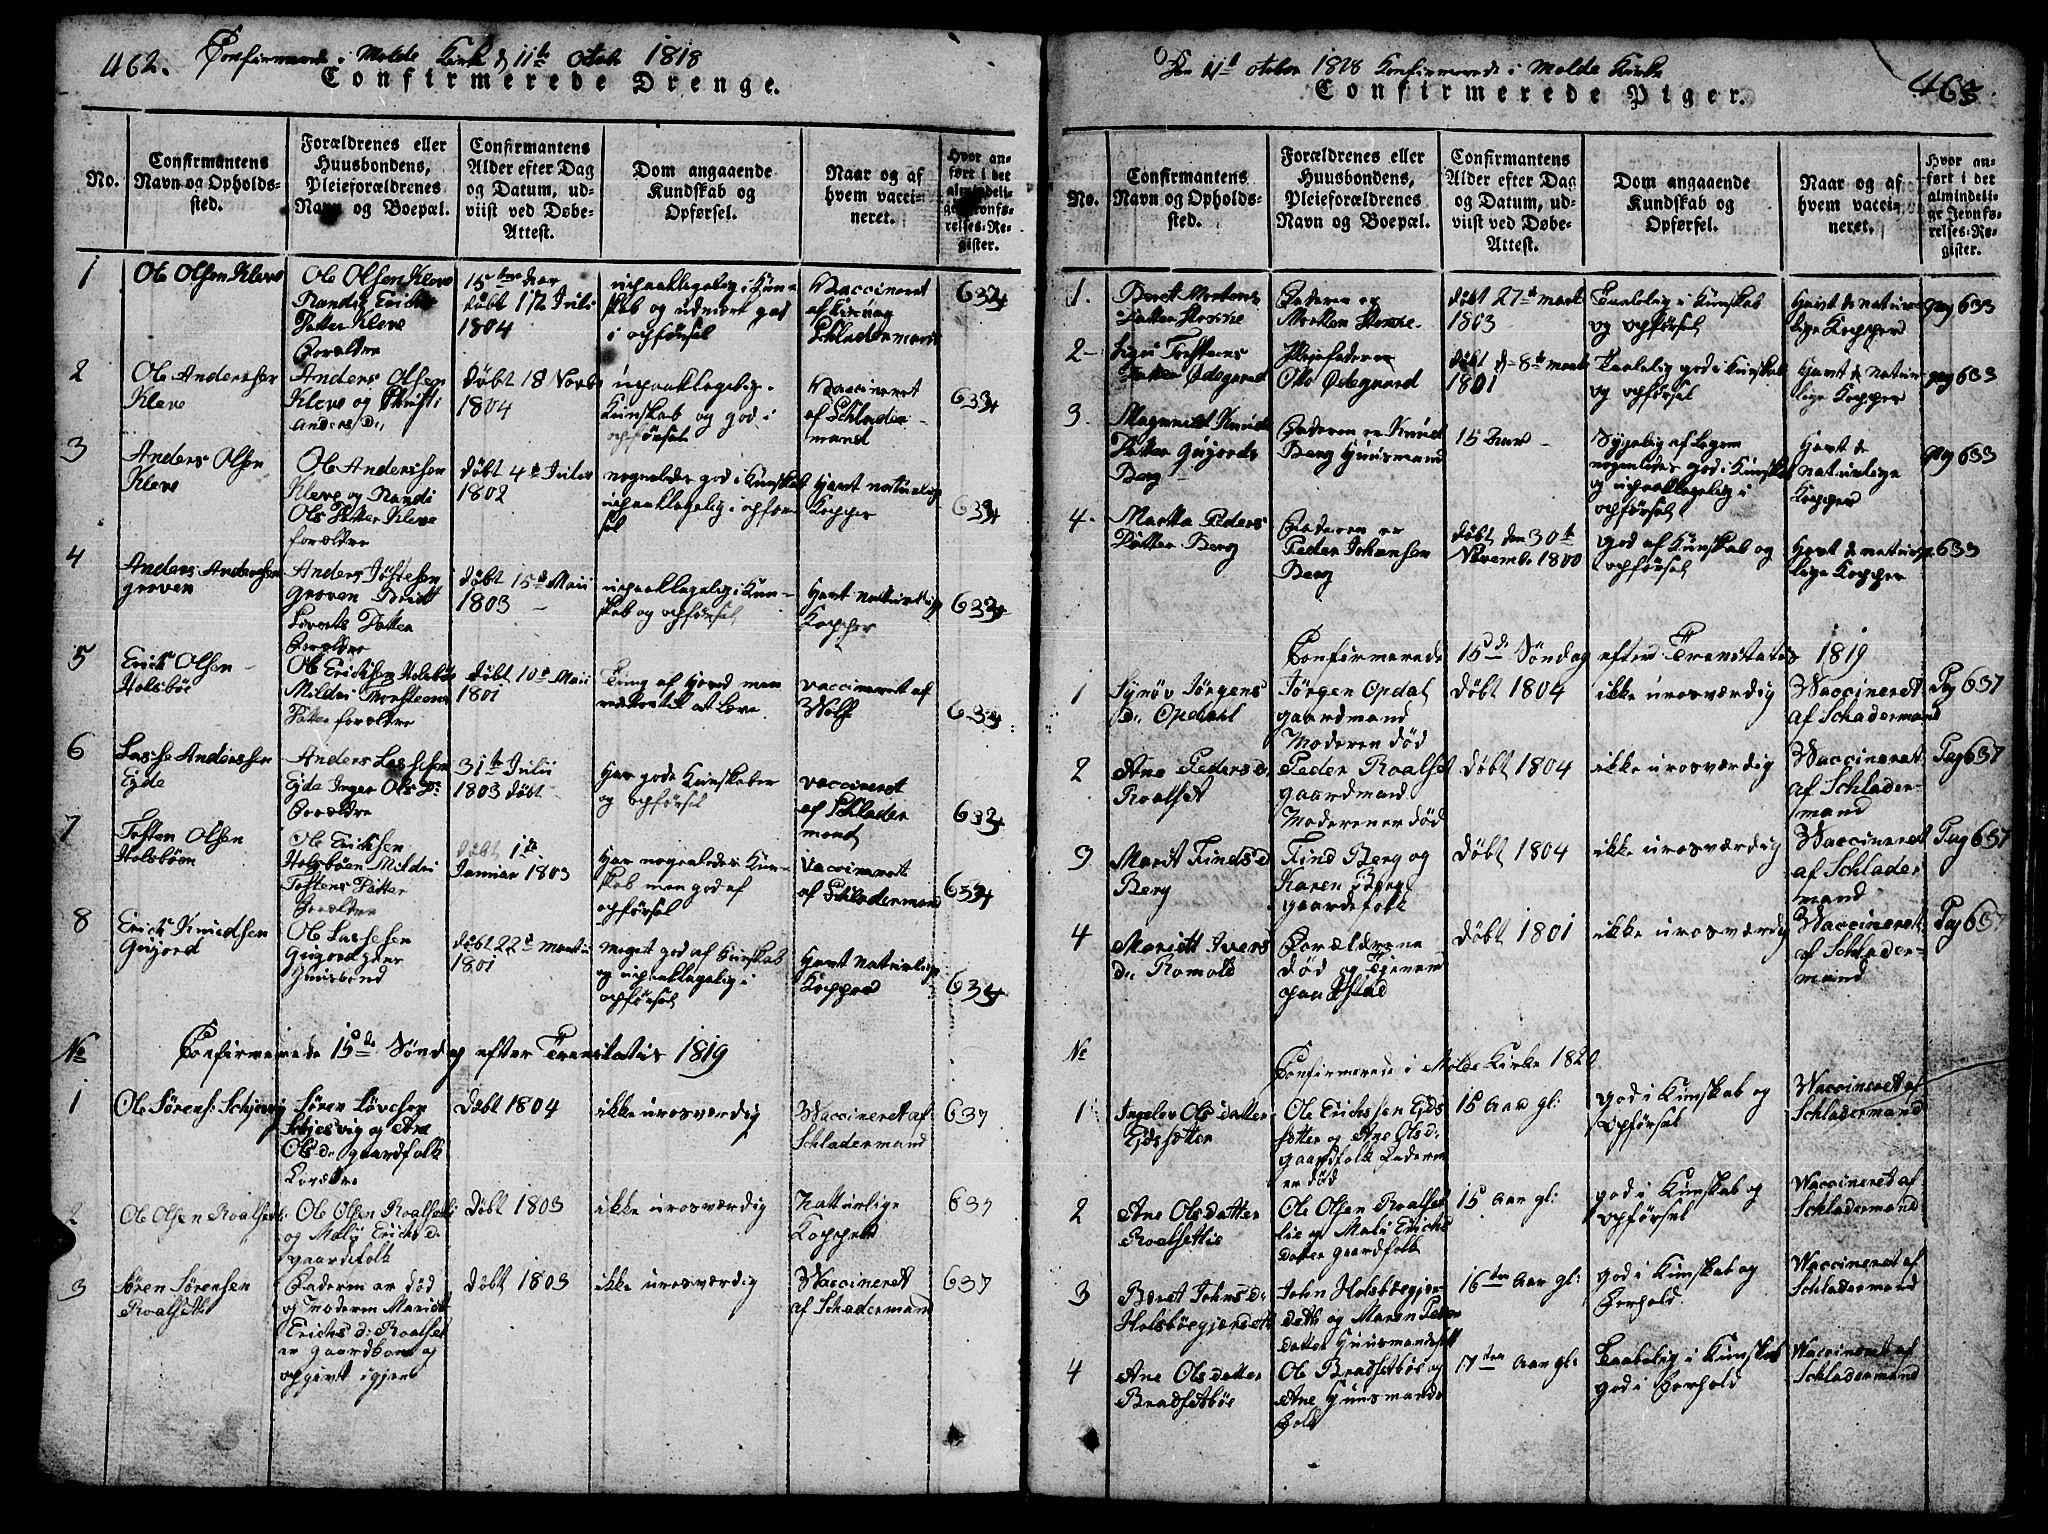 SAT, Ministerialprotokoller, klokkerbøker og fødselsregistre - Møre og Romsdal, 557/L0683: Klokkerbok nr. 557C01, 1818-1862, s. 462-463